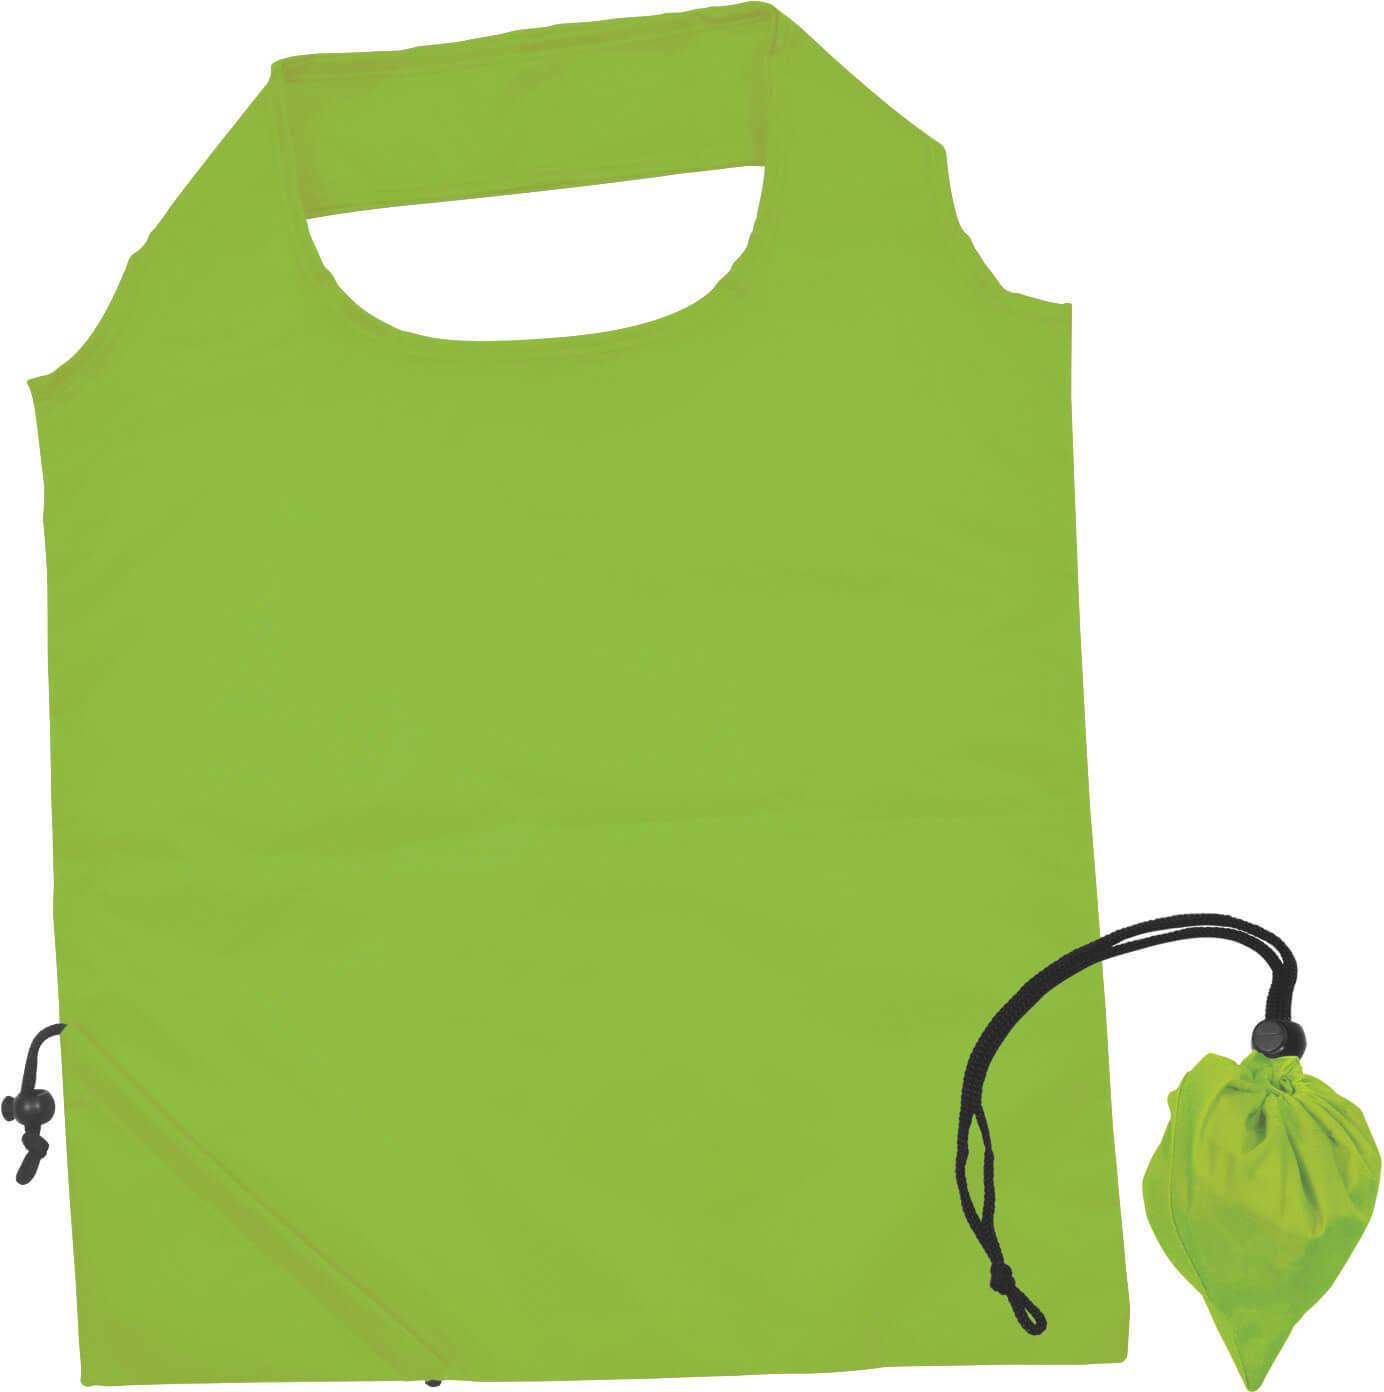 Light Green Folding Polyester Shopping Bag